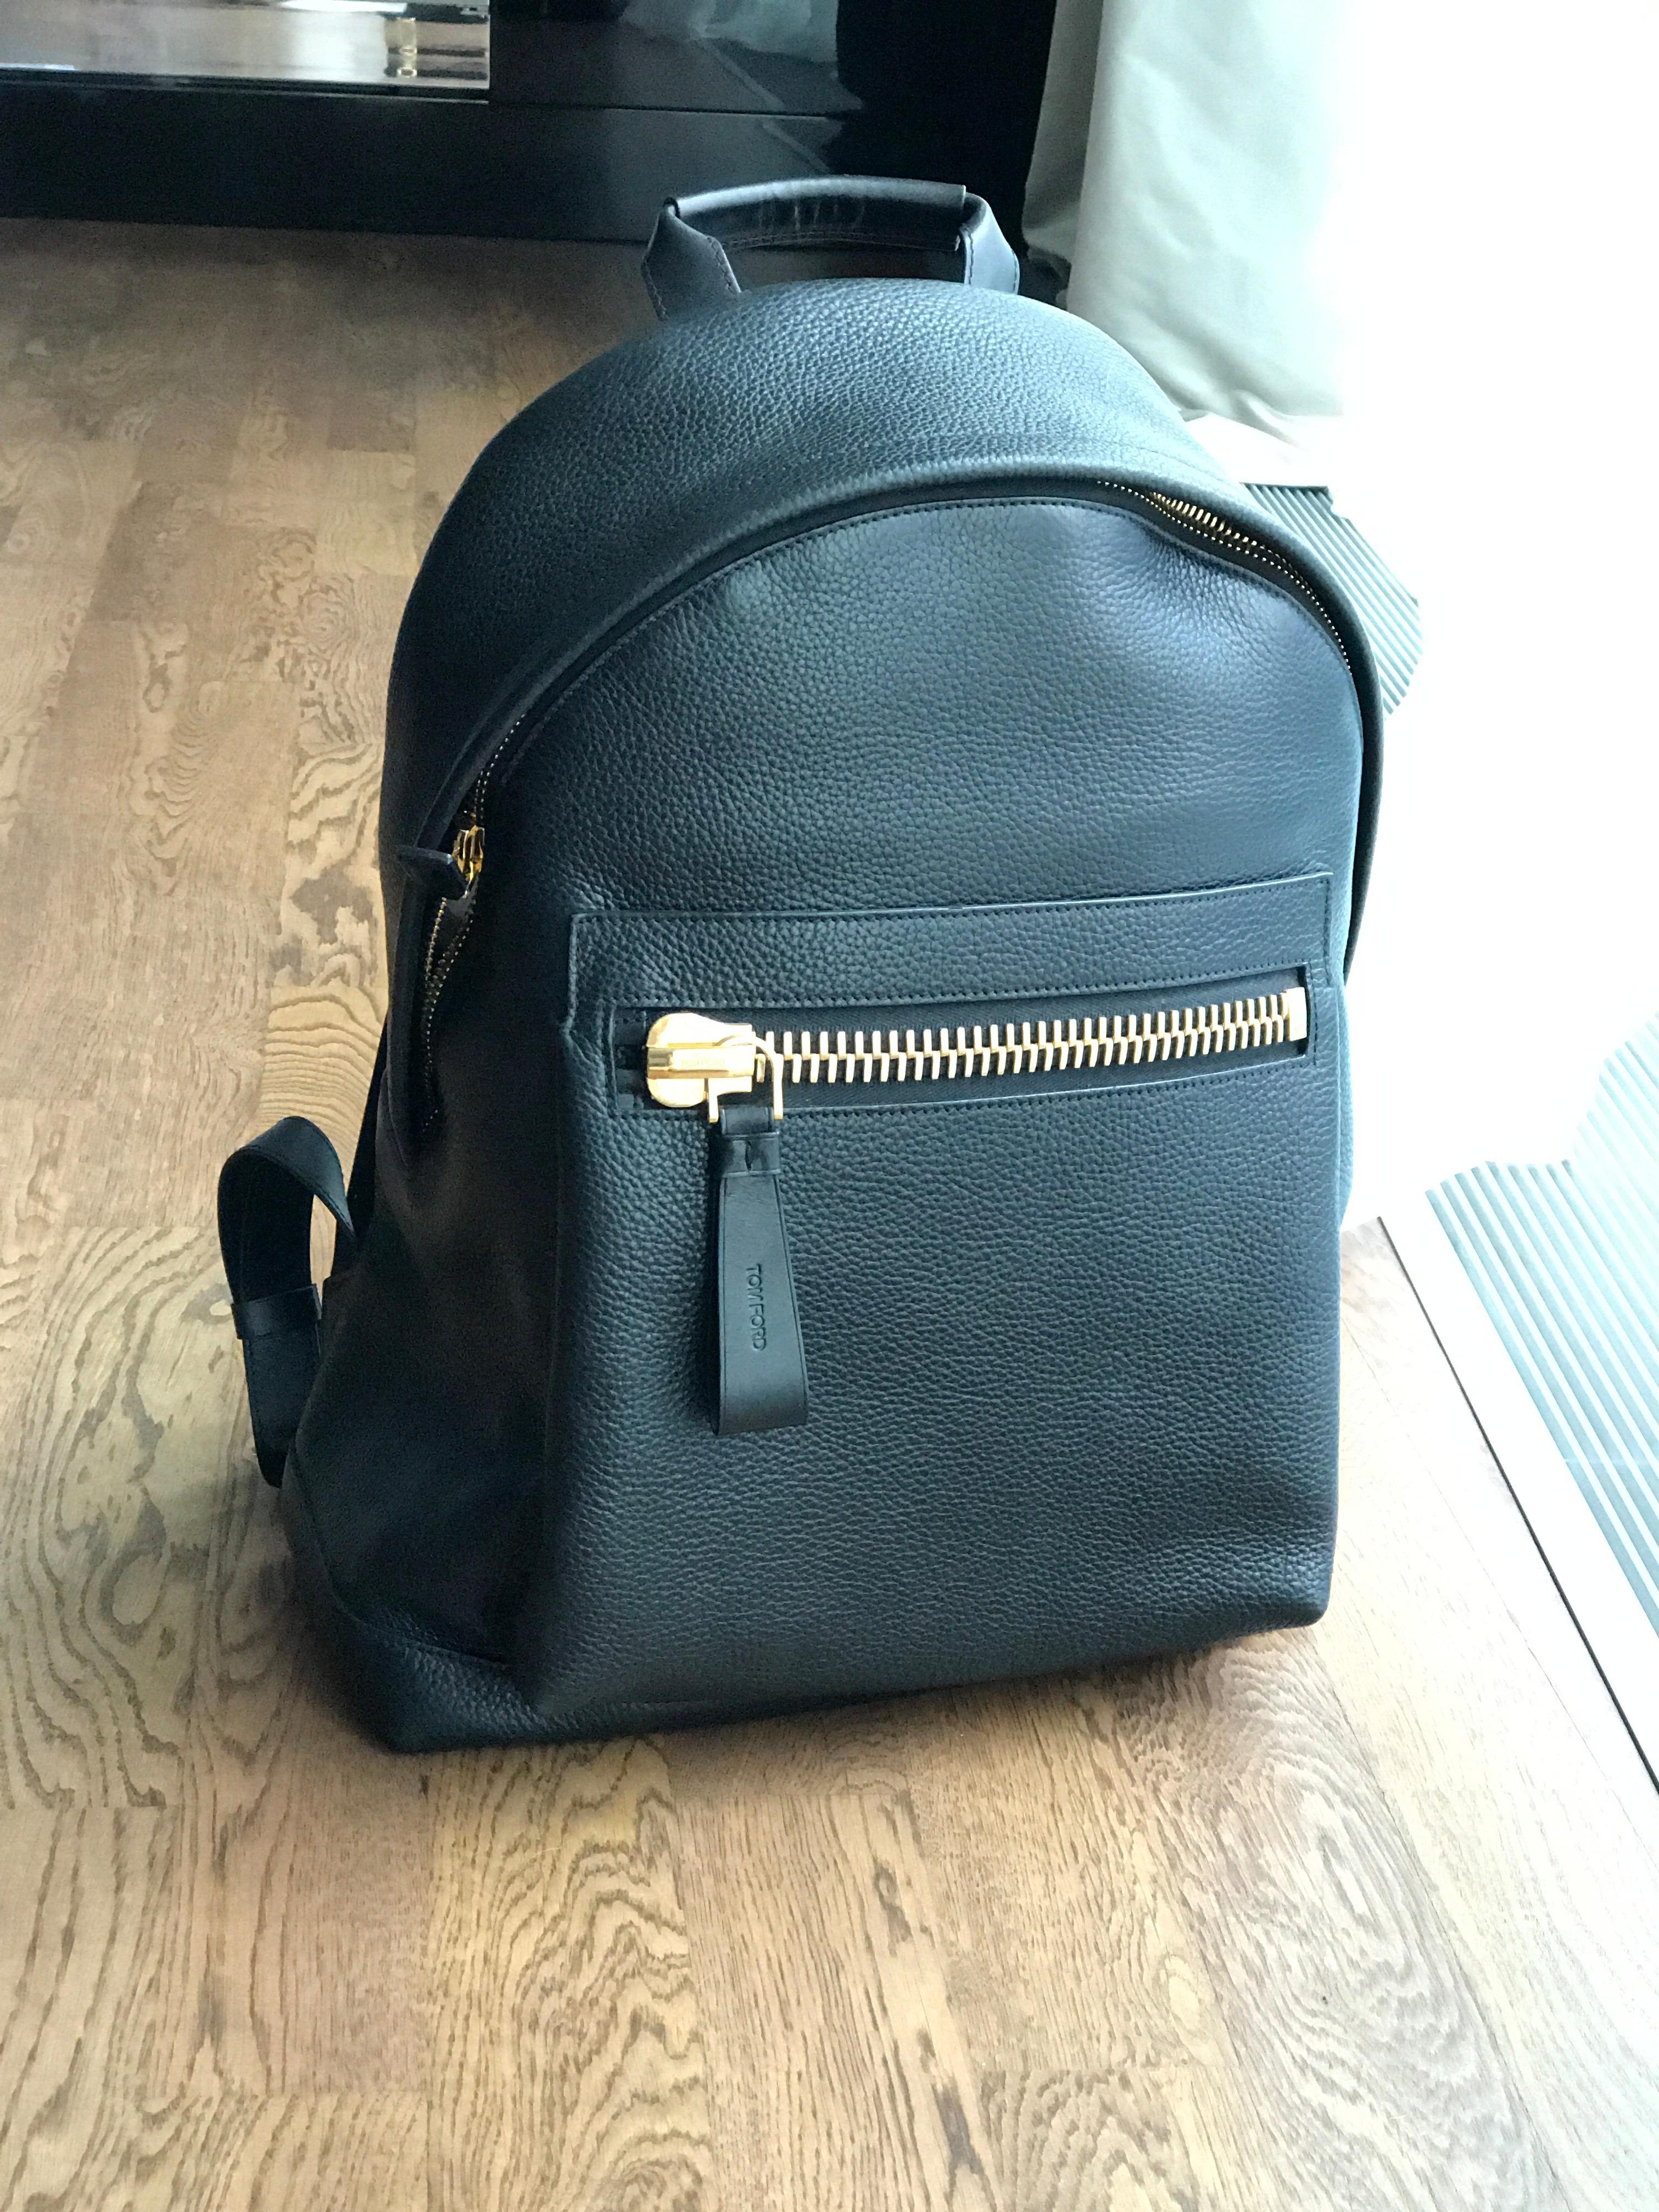 Рюкзаки Tom Ford: купить рюкзак Том Форд в магазине Имидж